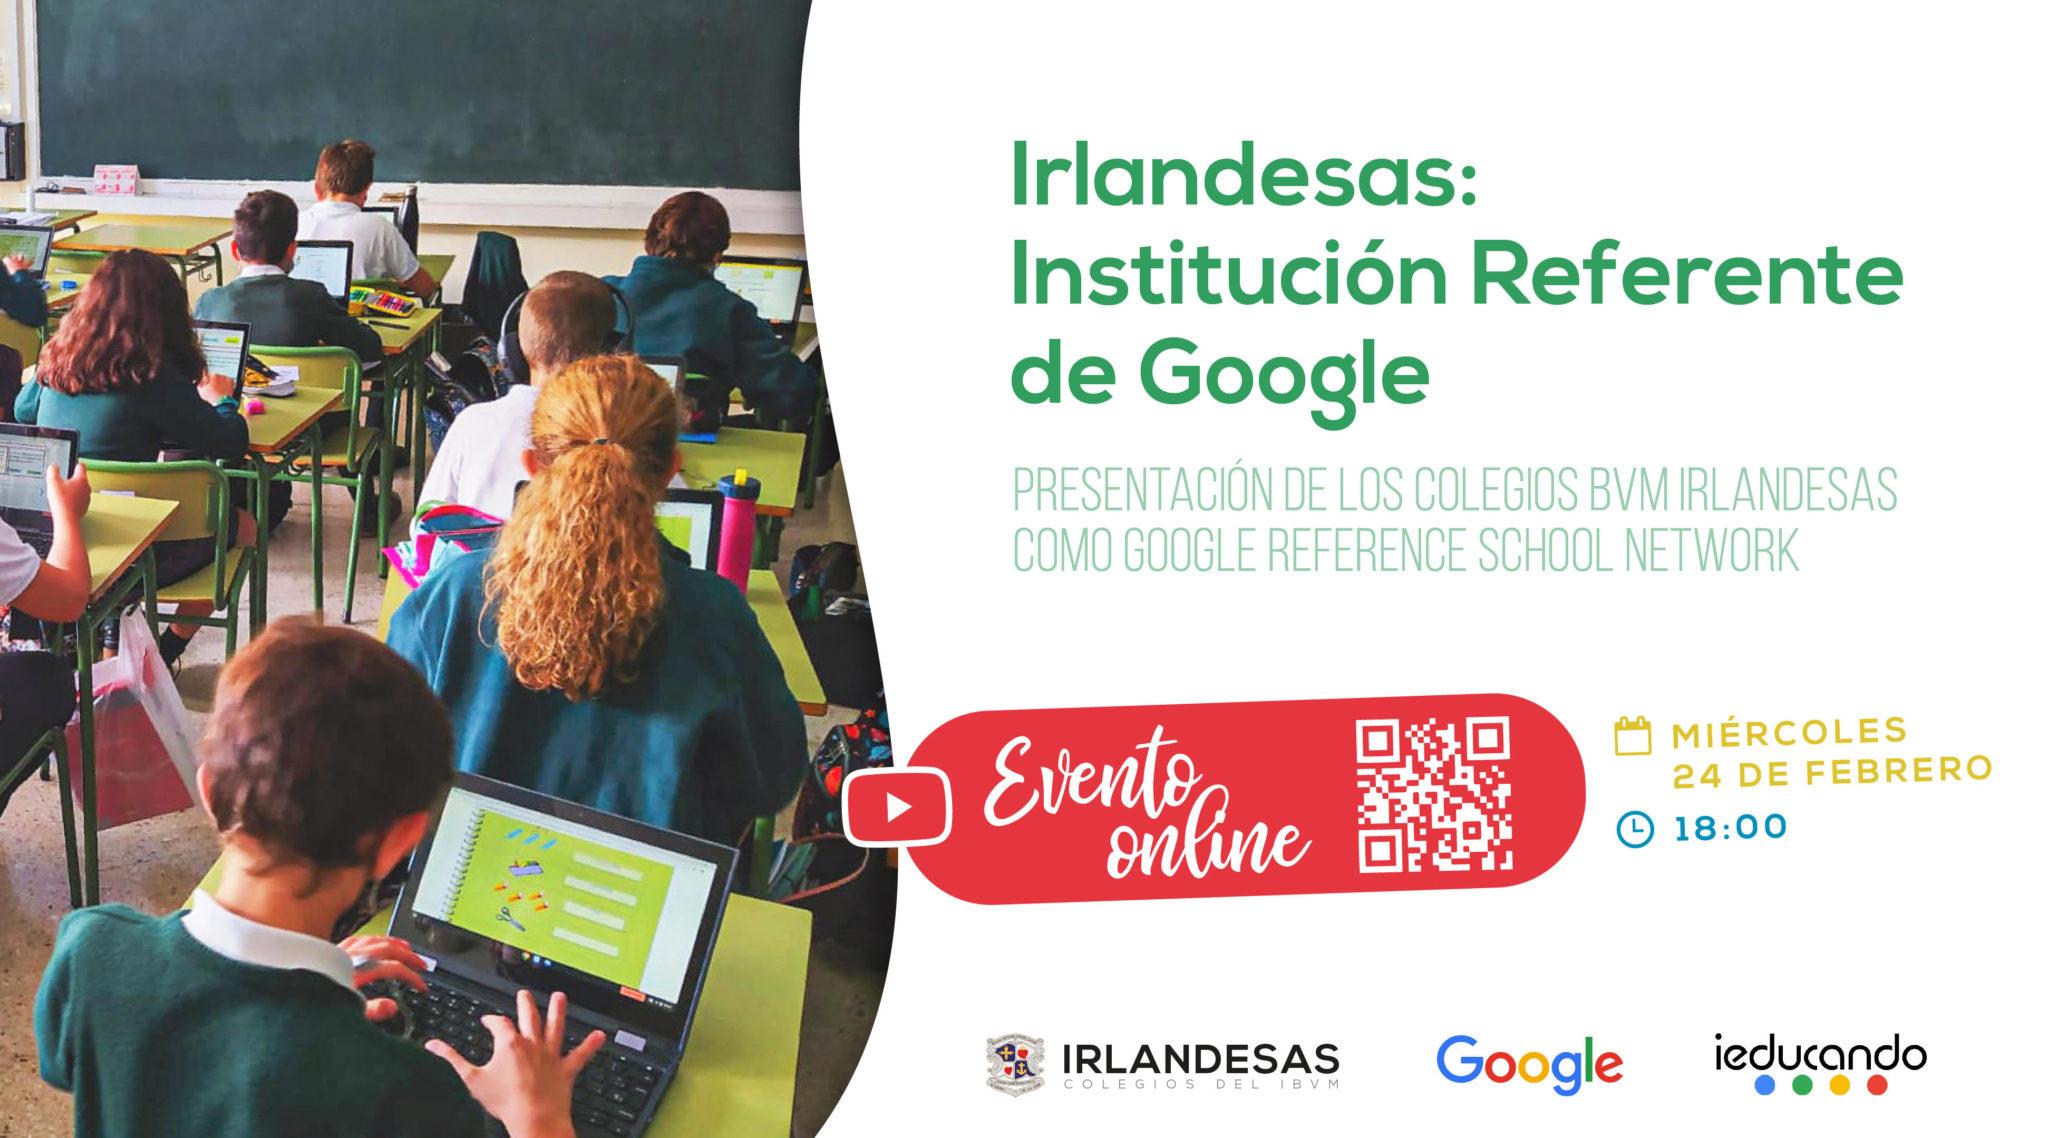 Irlandesas: Institución referente de Google